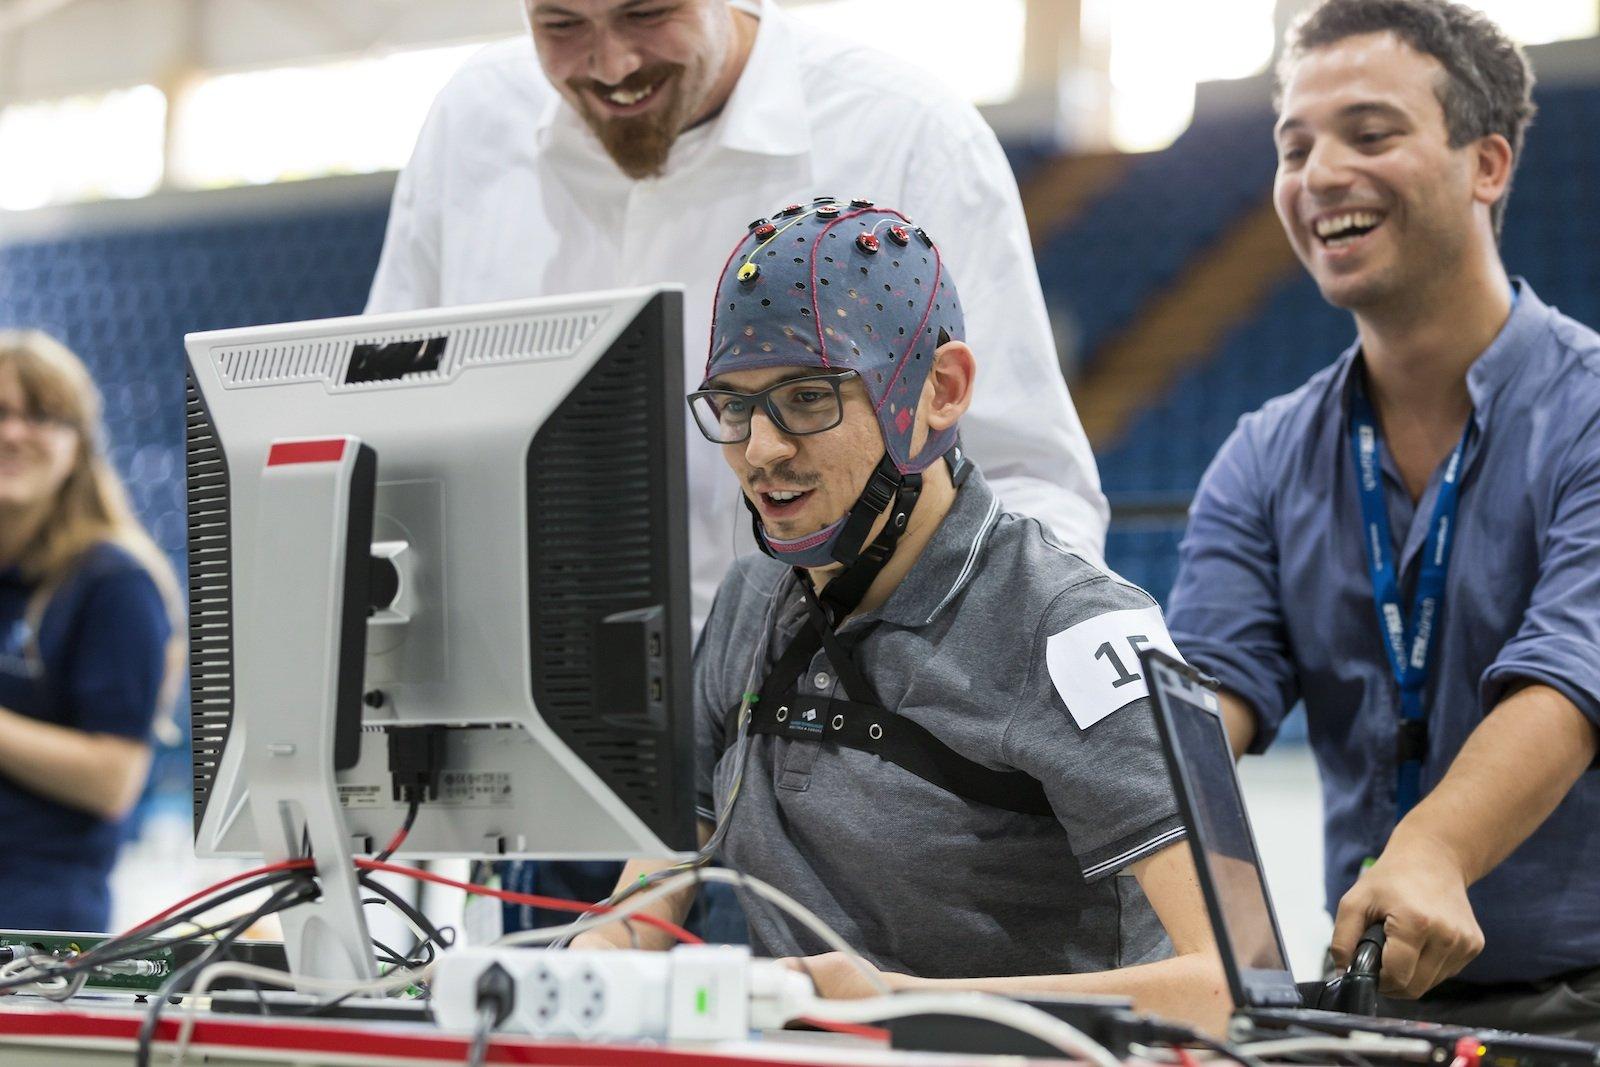 Gedankengesteuertes Computerspiel: Die Brain-Computer-Interface (Hirn-Computer-Schnittstelle, BCI) dient dem Erfassen und anschliessenden Umwandeln von Hirnströmen in Steuerungssignale. Dadurch können die Teilnehmer mit ihren Gedanken eine künstliche Figur (Avatar) in einem Computerspiel steuern.